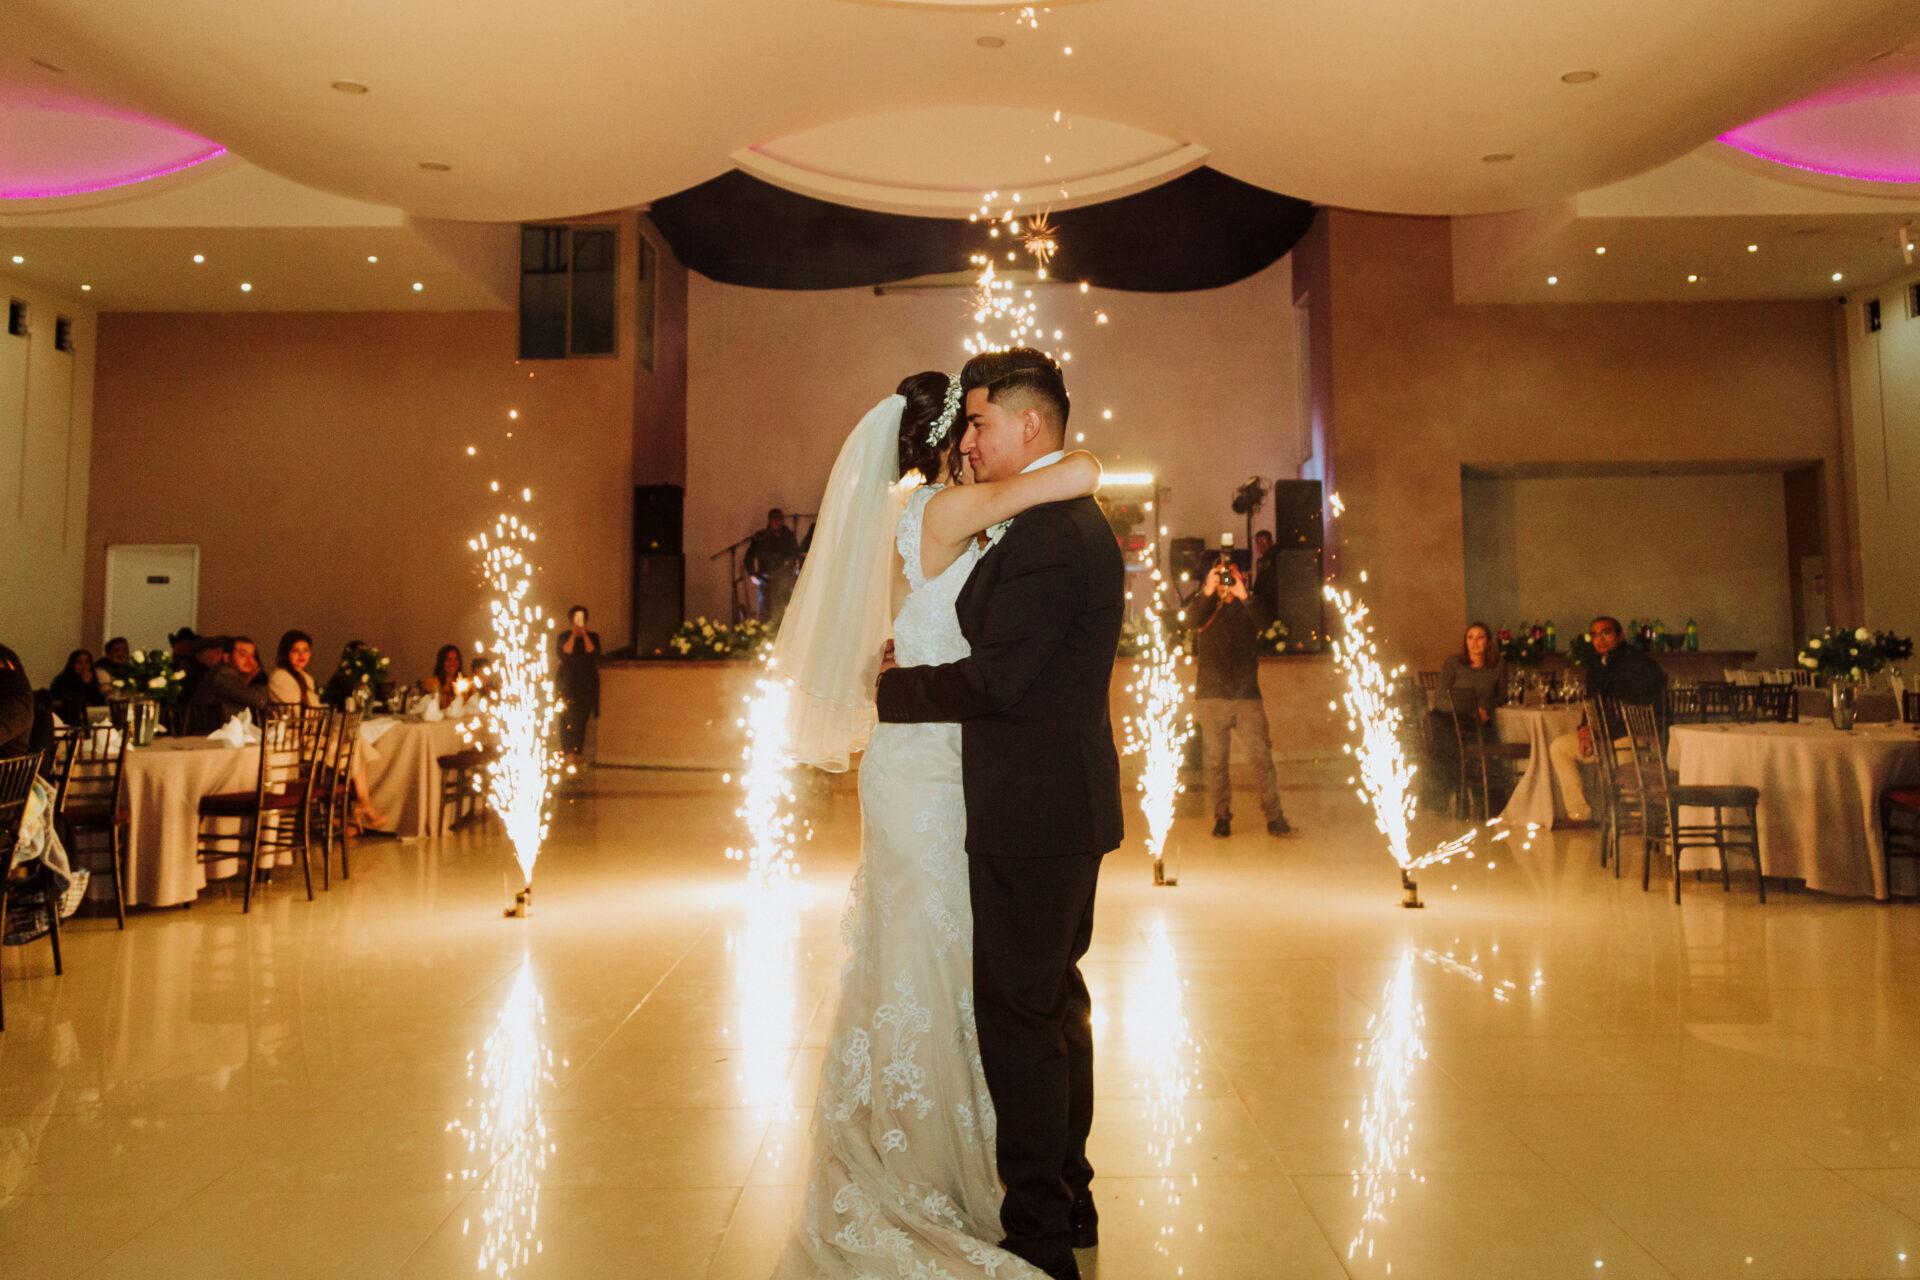 javier_noriega_fotografo_Boda_san_ramon_zacatecas_wedding_photographer24